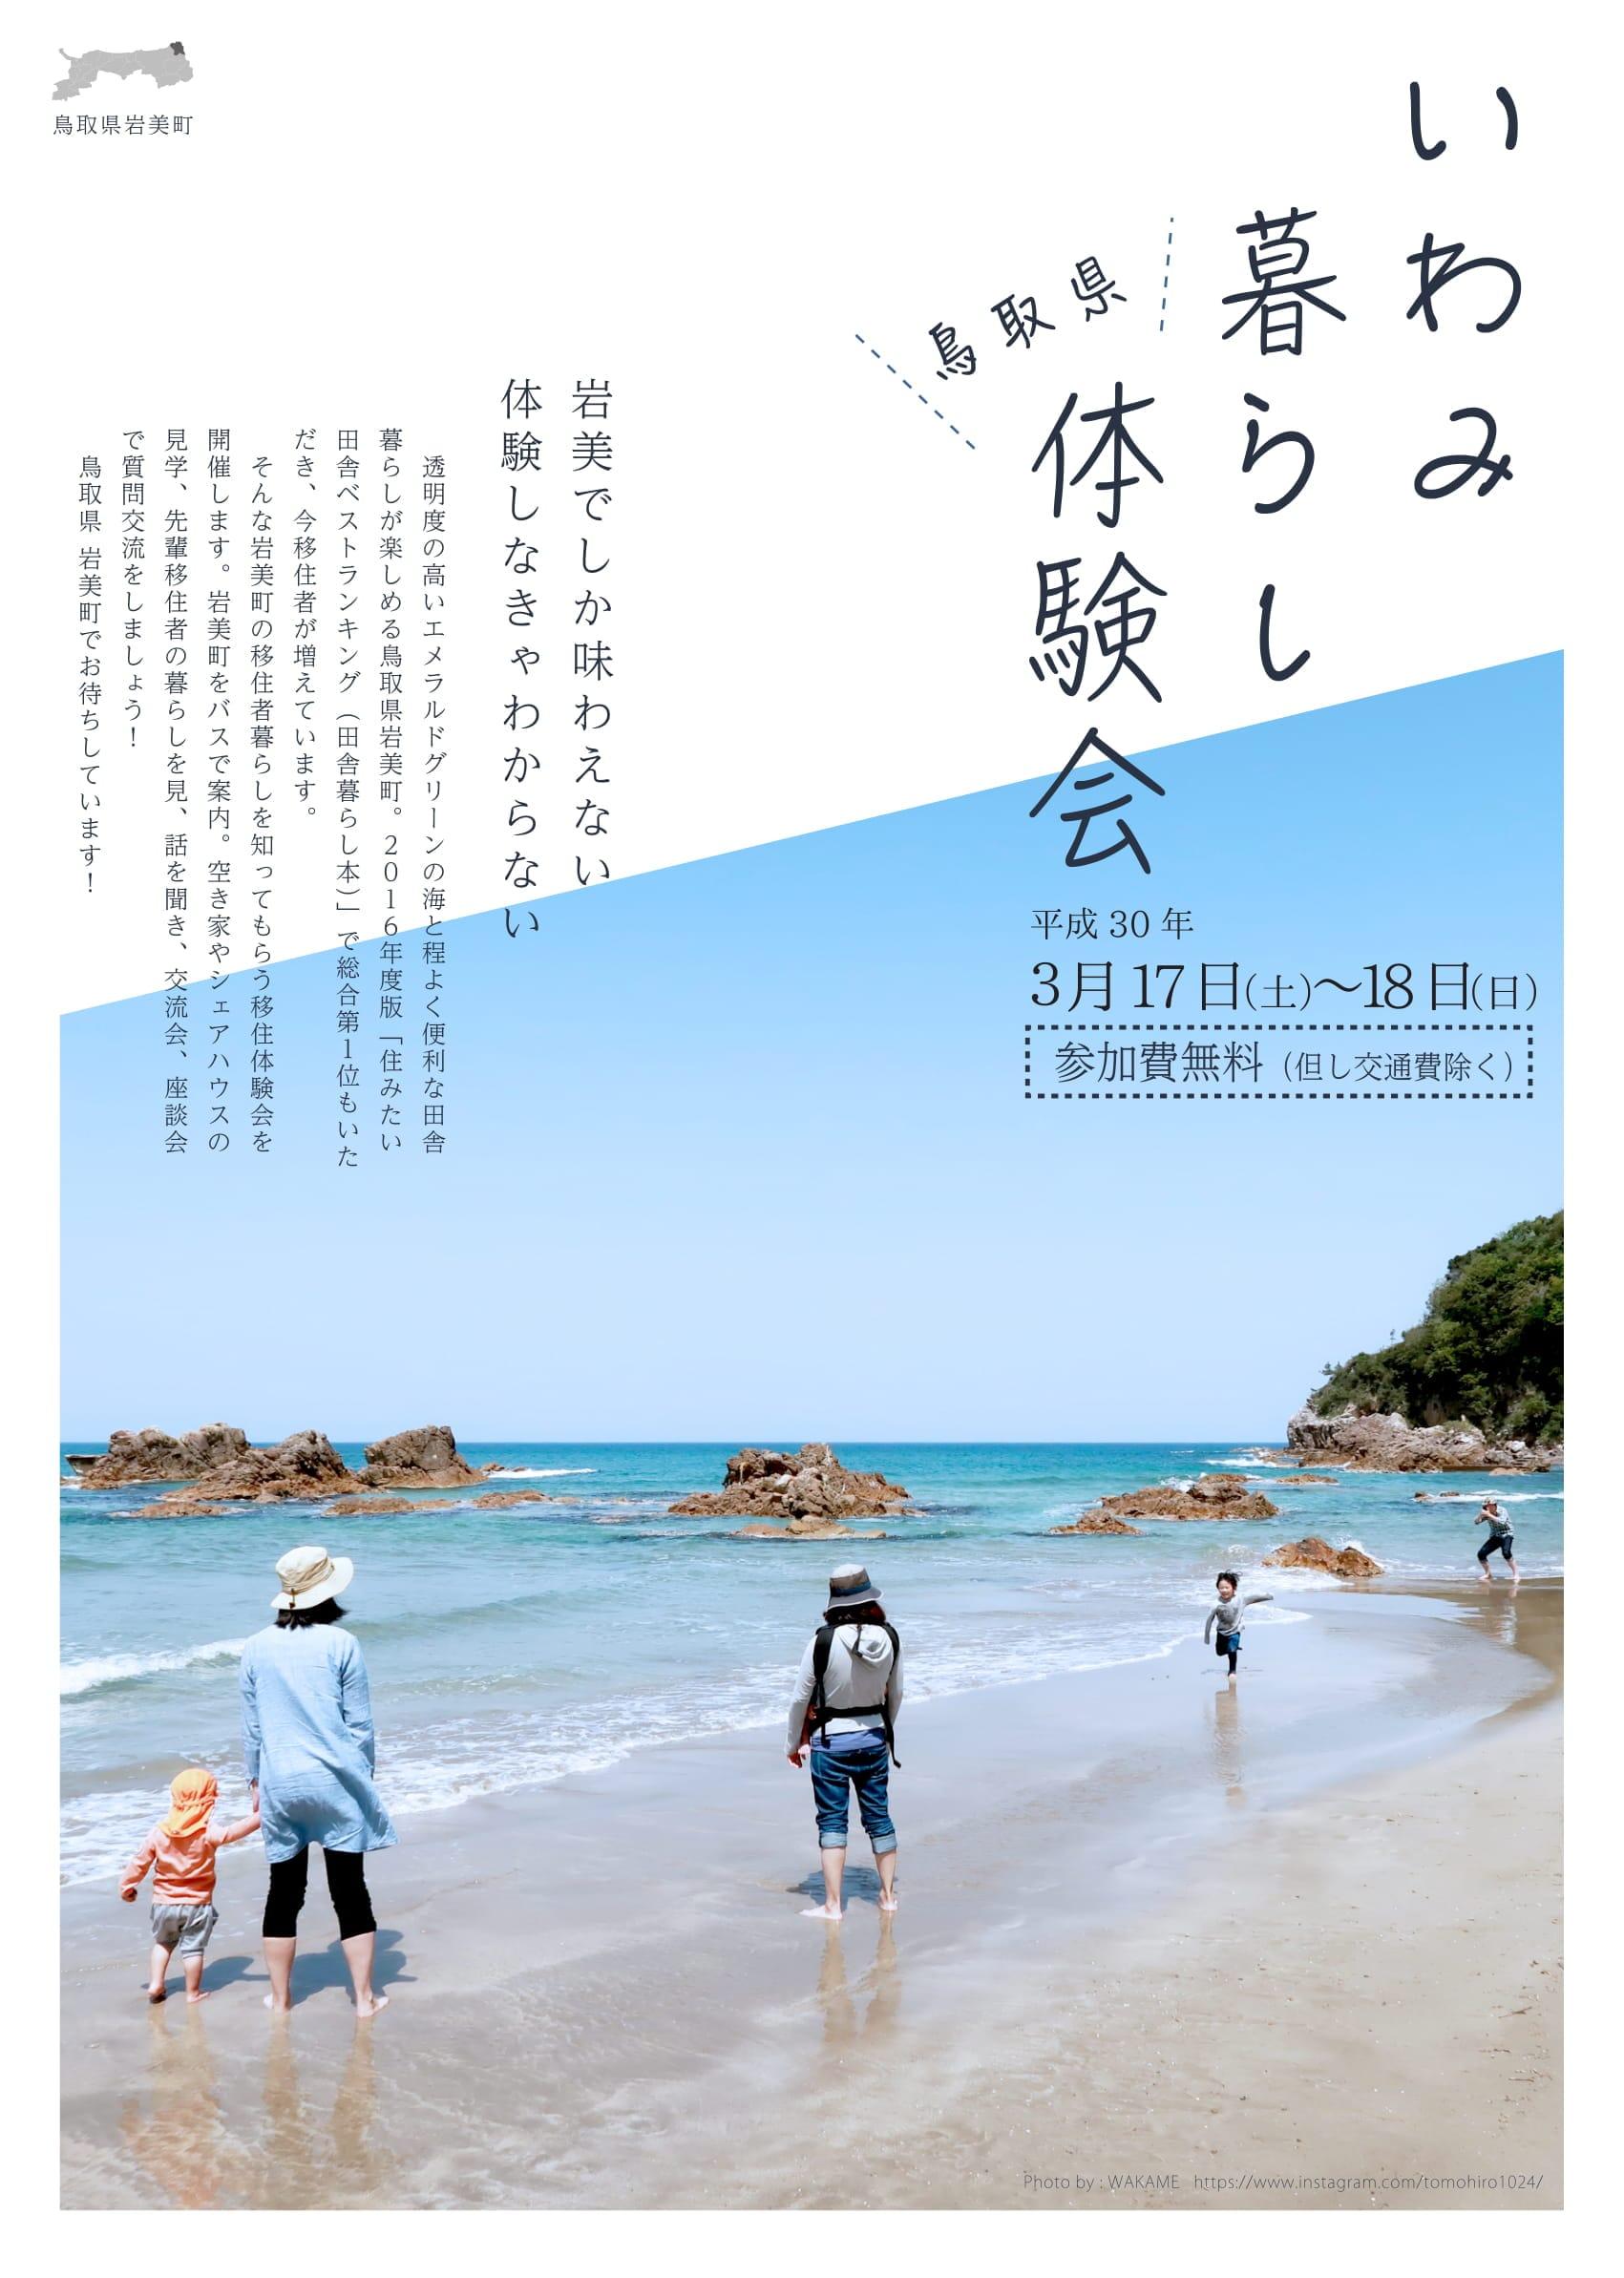 いわみ暮らし体験会flyer-1